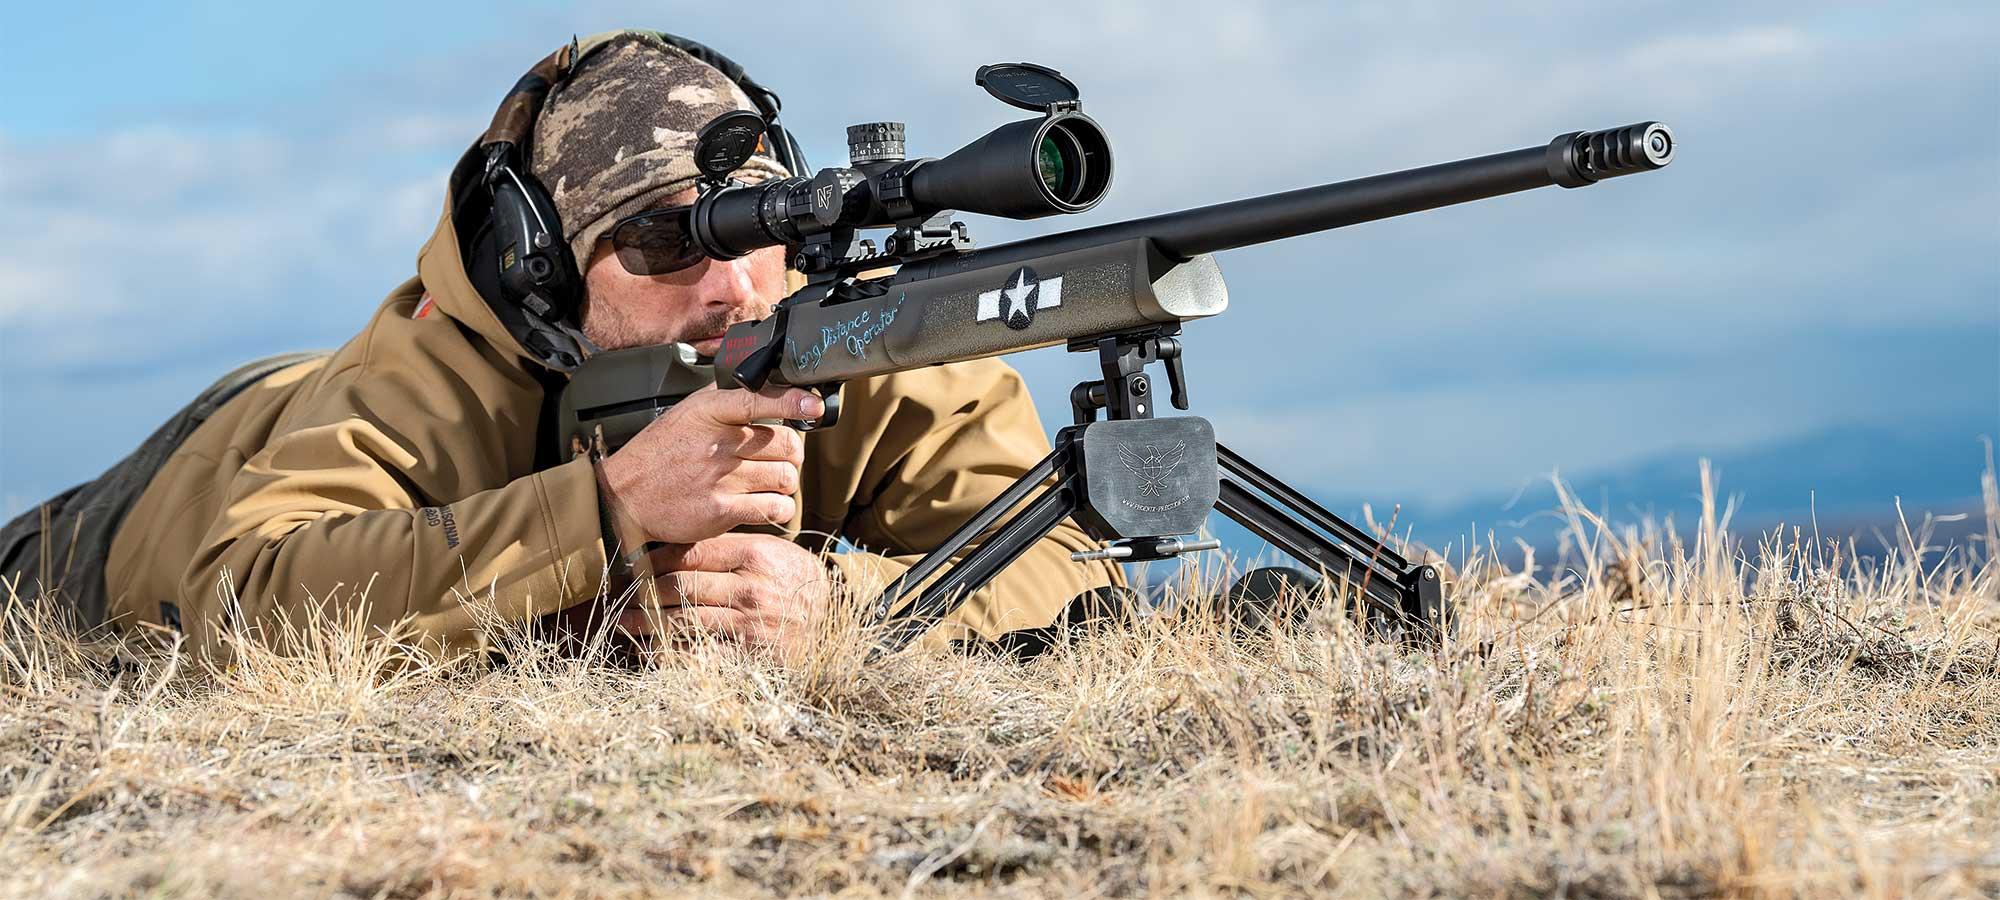 shooter aiming long range rifle